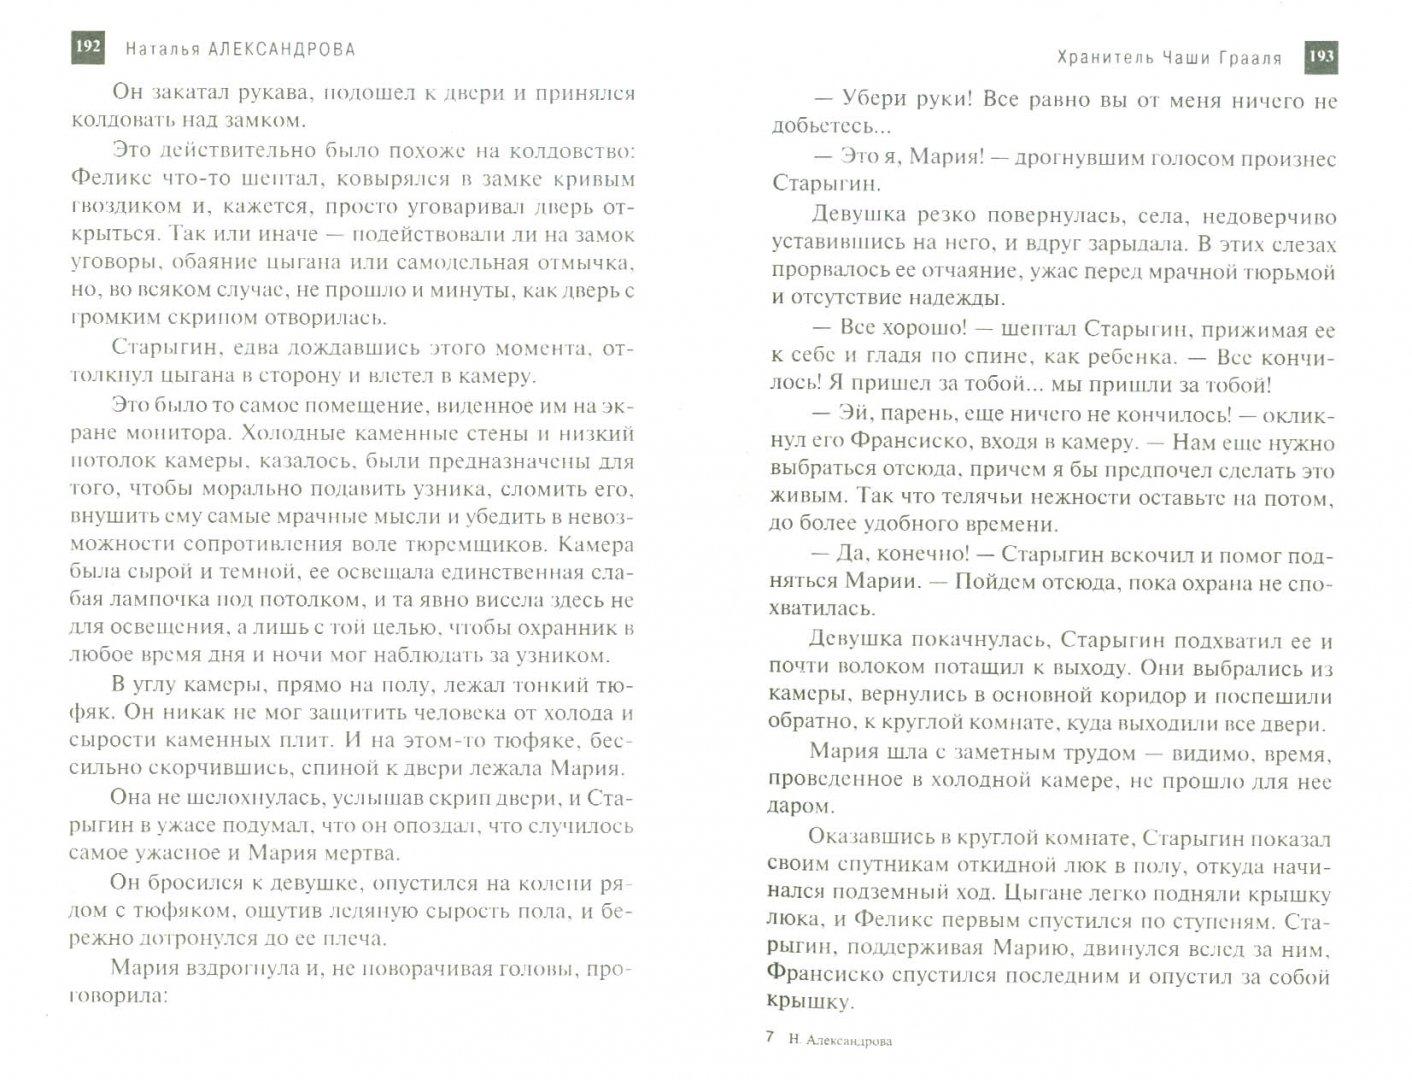 Иллюстрация 1 из 2 для Хранитель Чаши Грааля - Наталья Александрова | Лабиринт - книги. Источник: Лабиринт